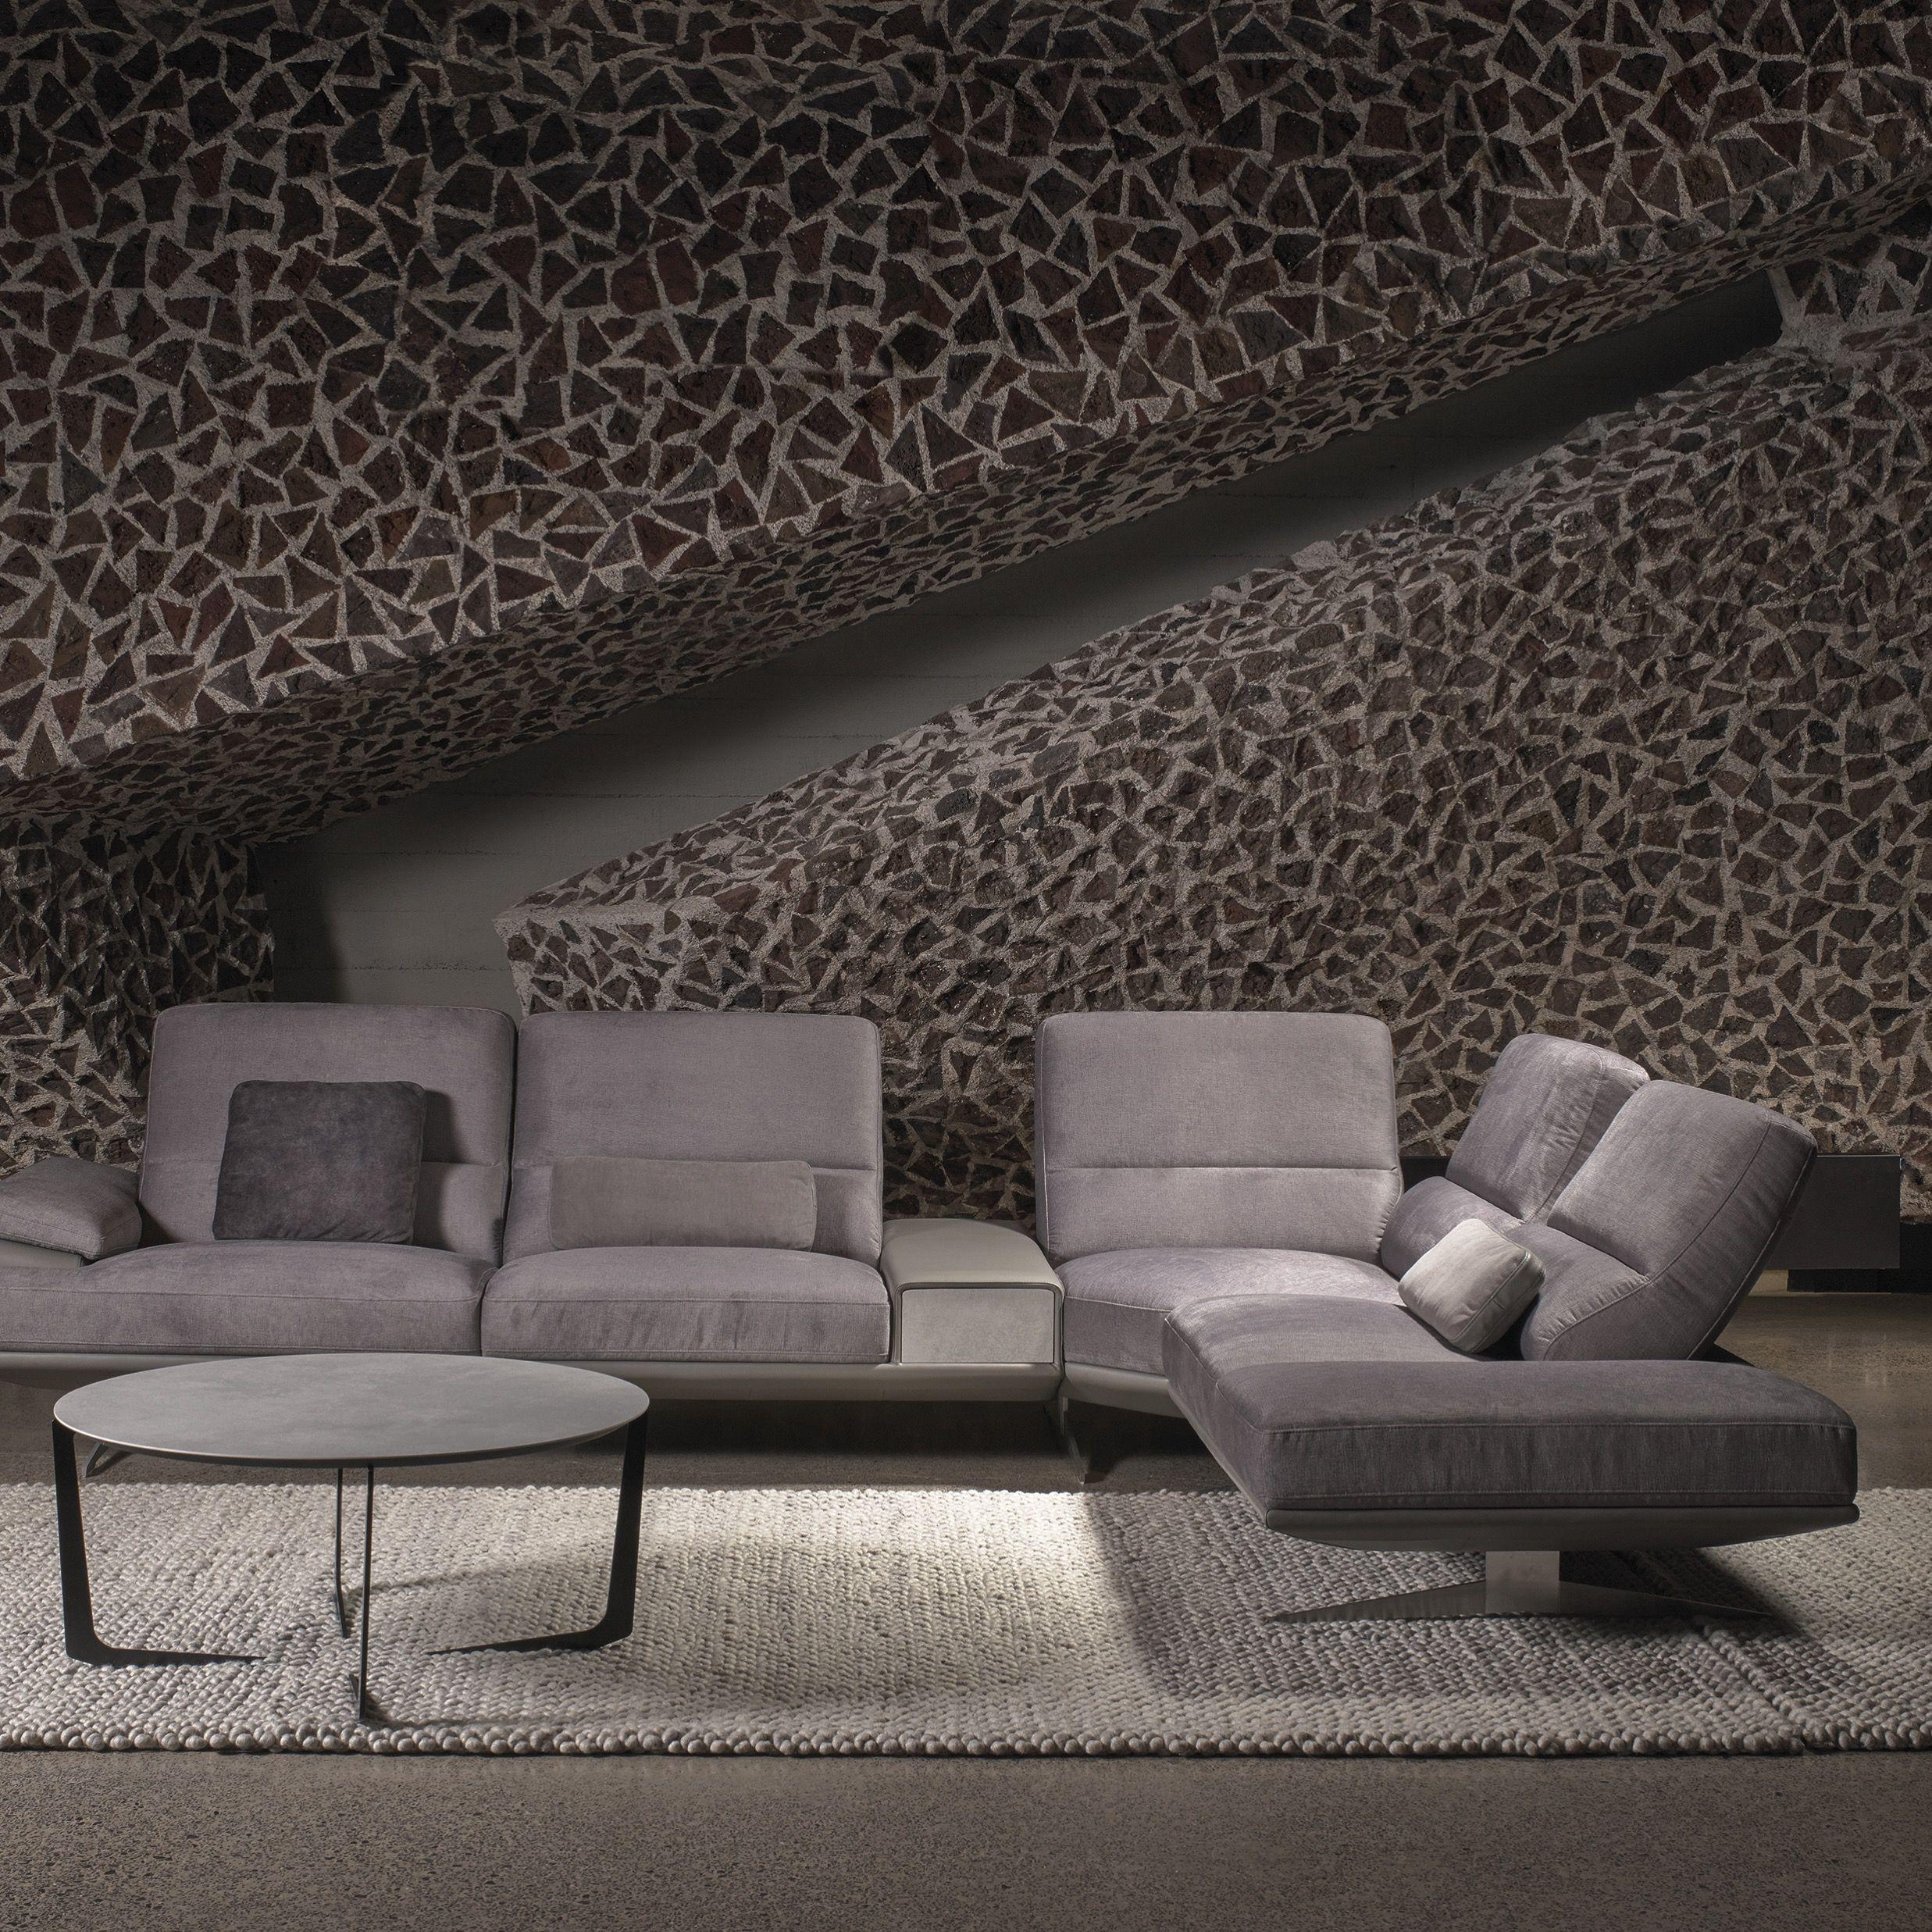 sofa Soprano kler sofa dom design styl dom quality wypoczynek relaks soprano komfort meble Kler Srebro